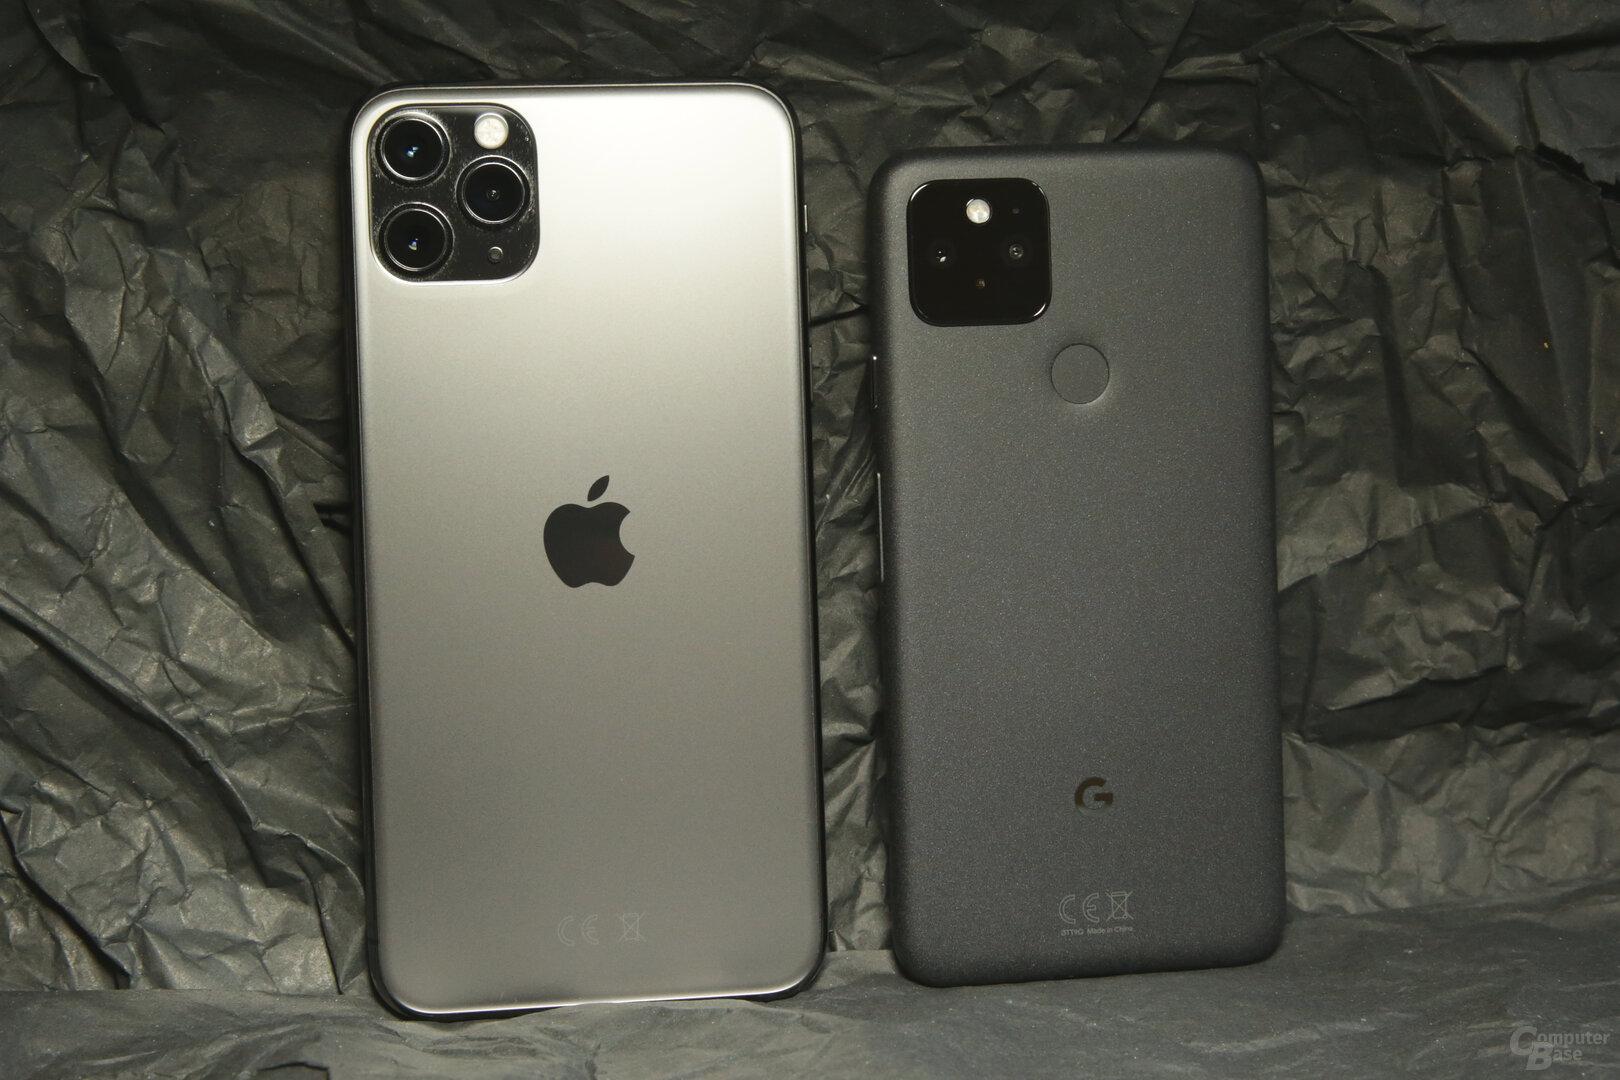 Größenvergleich mit iPhone 11 Pro Max